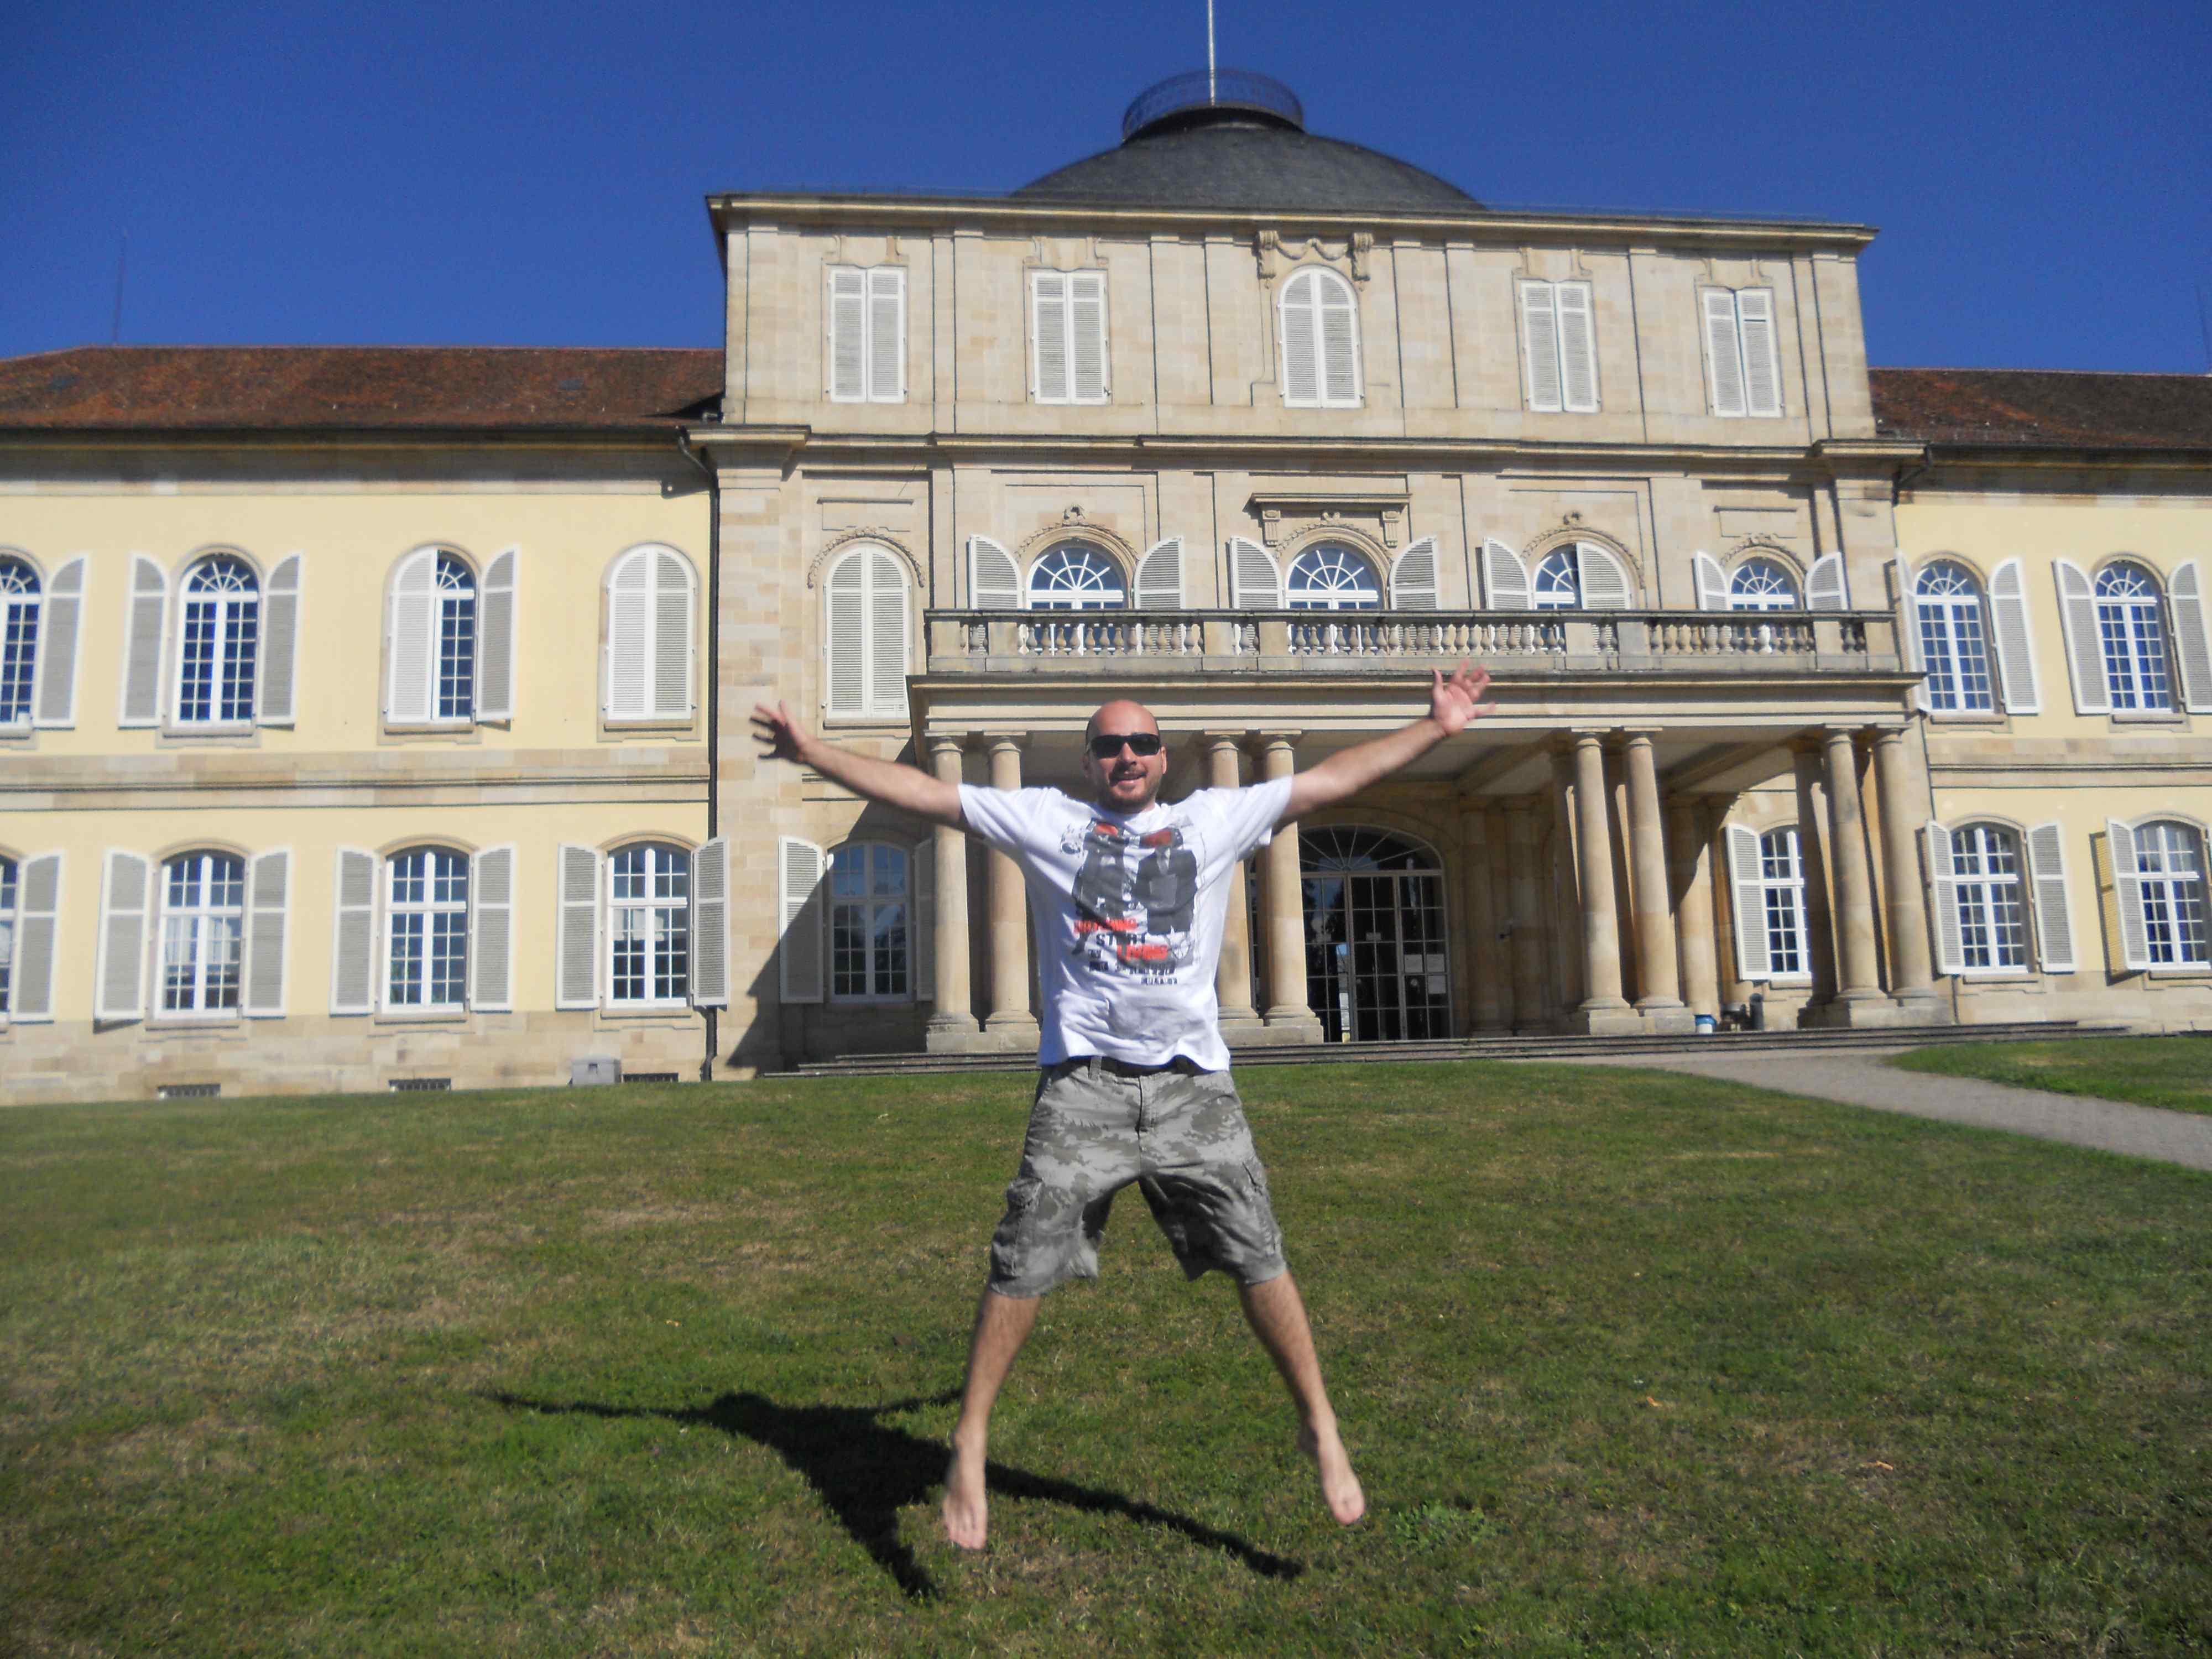 Hohenheimi egyetem kastélya